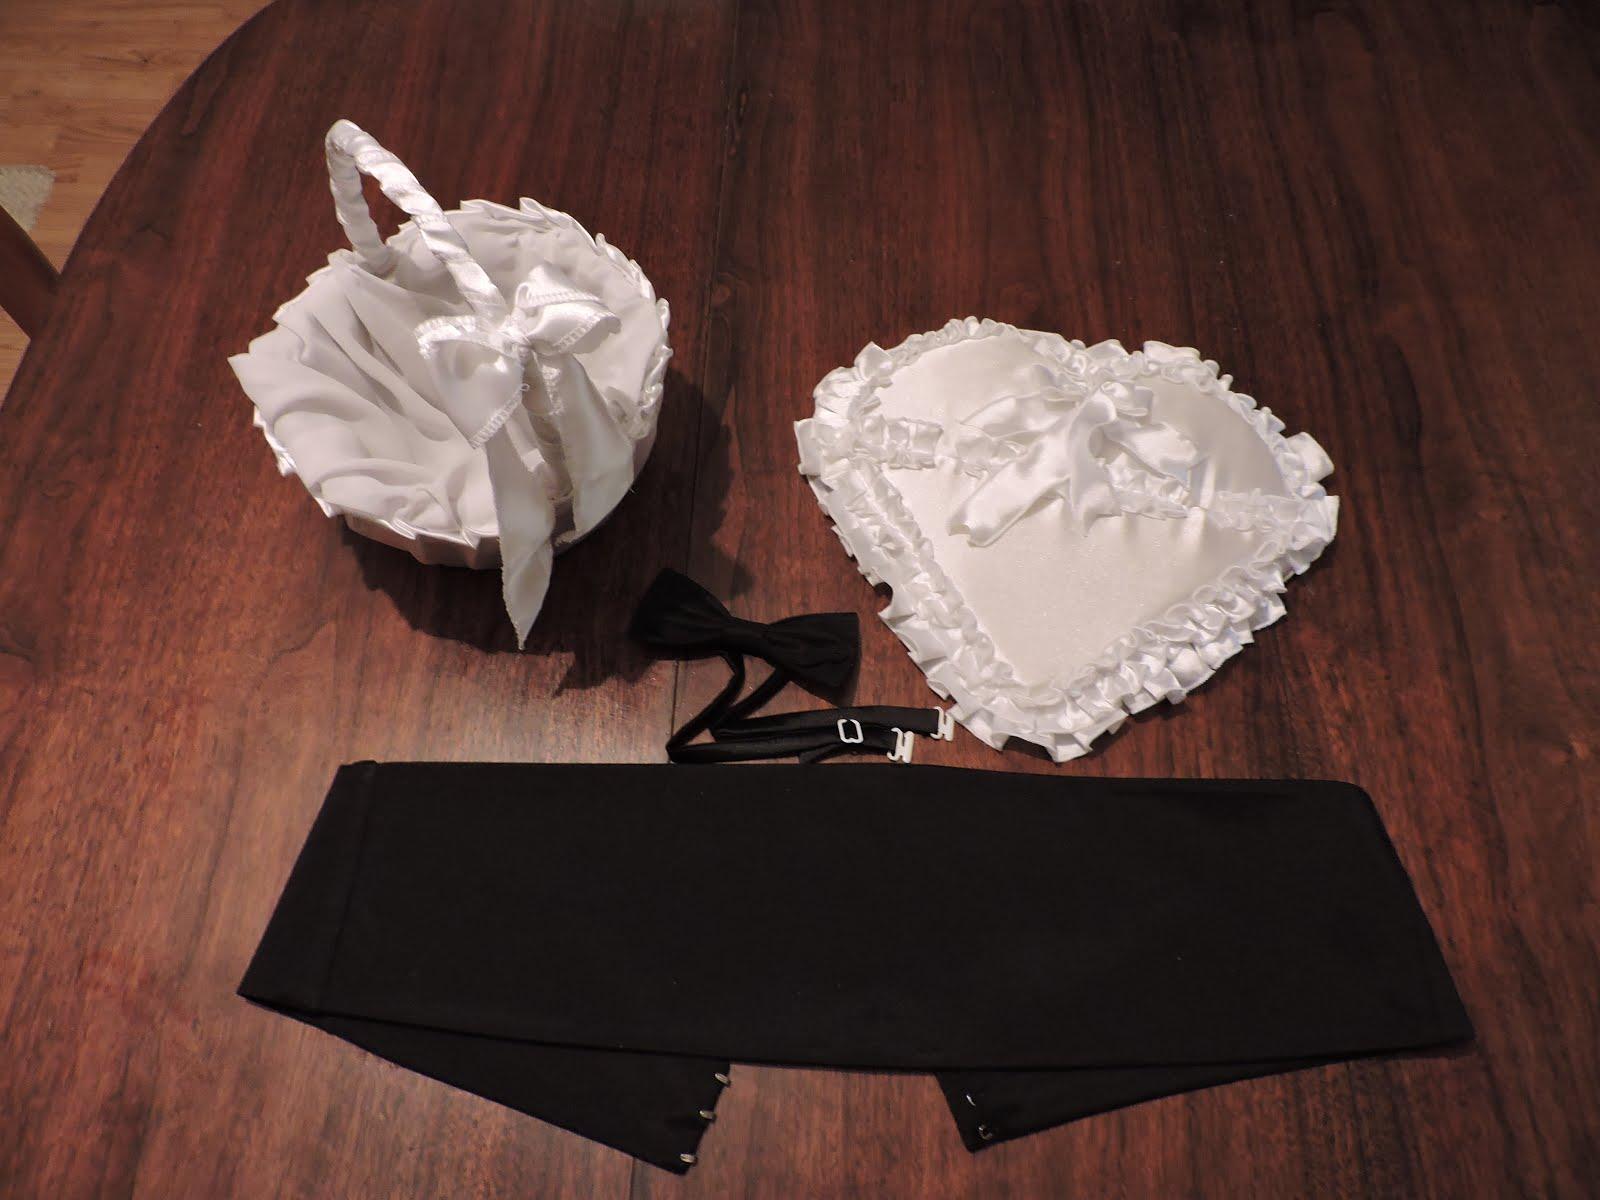 Suport pentru verighete in forma de inimioara, cosulet, papion si brau.